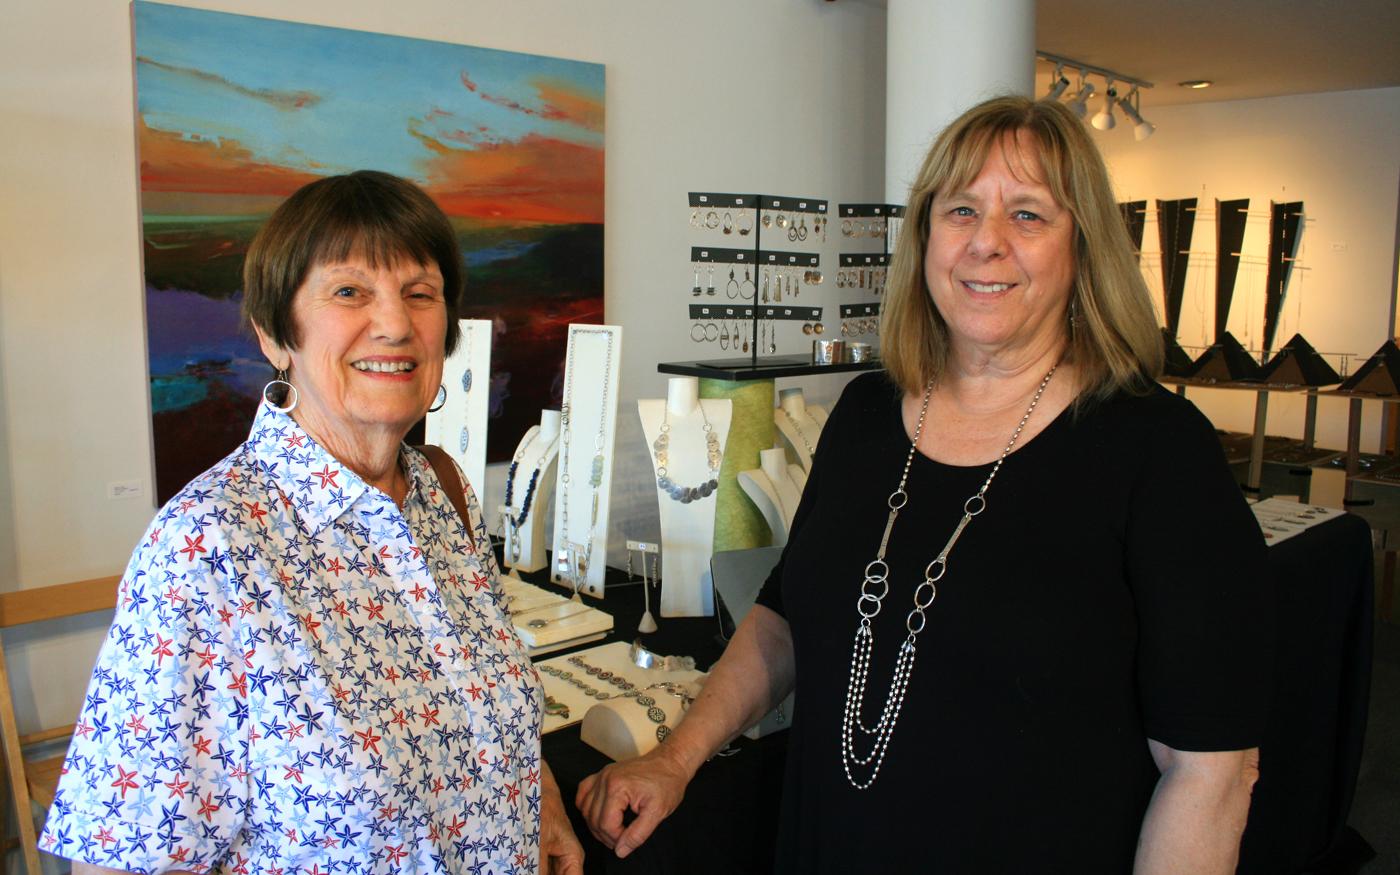 Joanna Craft jewelry